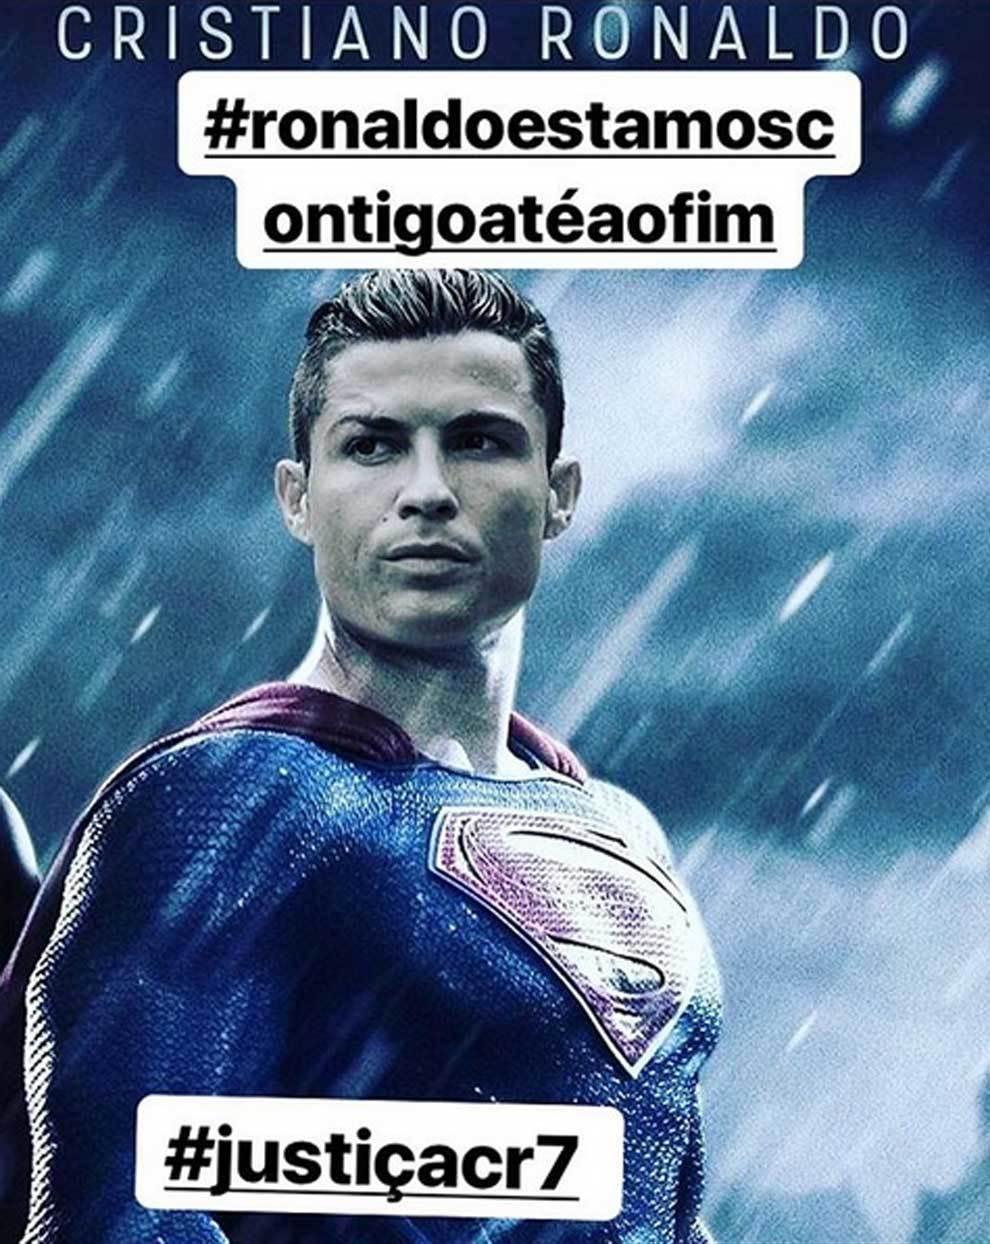 La imagen de Cristiano Ronaldo a lo Superman que Katia Aveiro quiere...